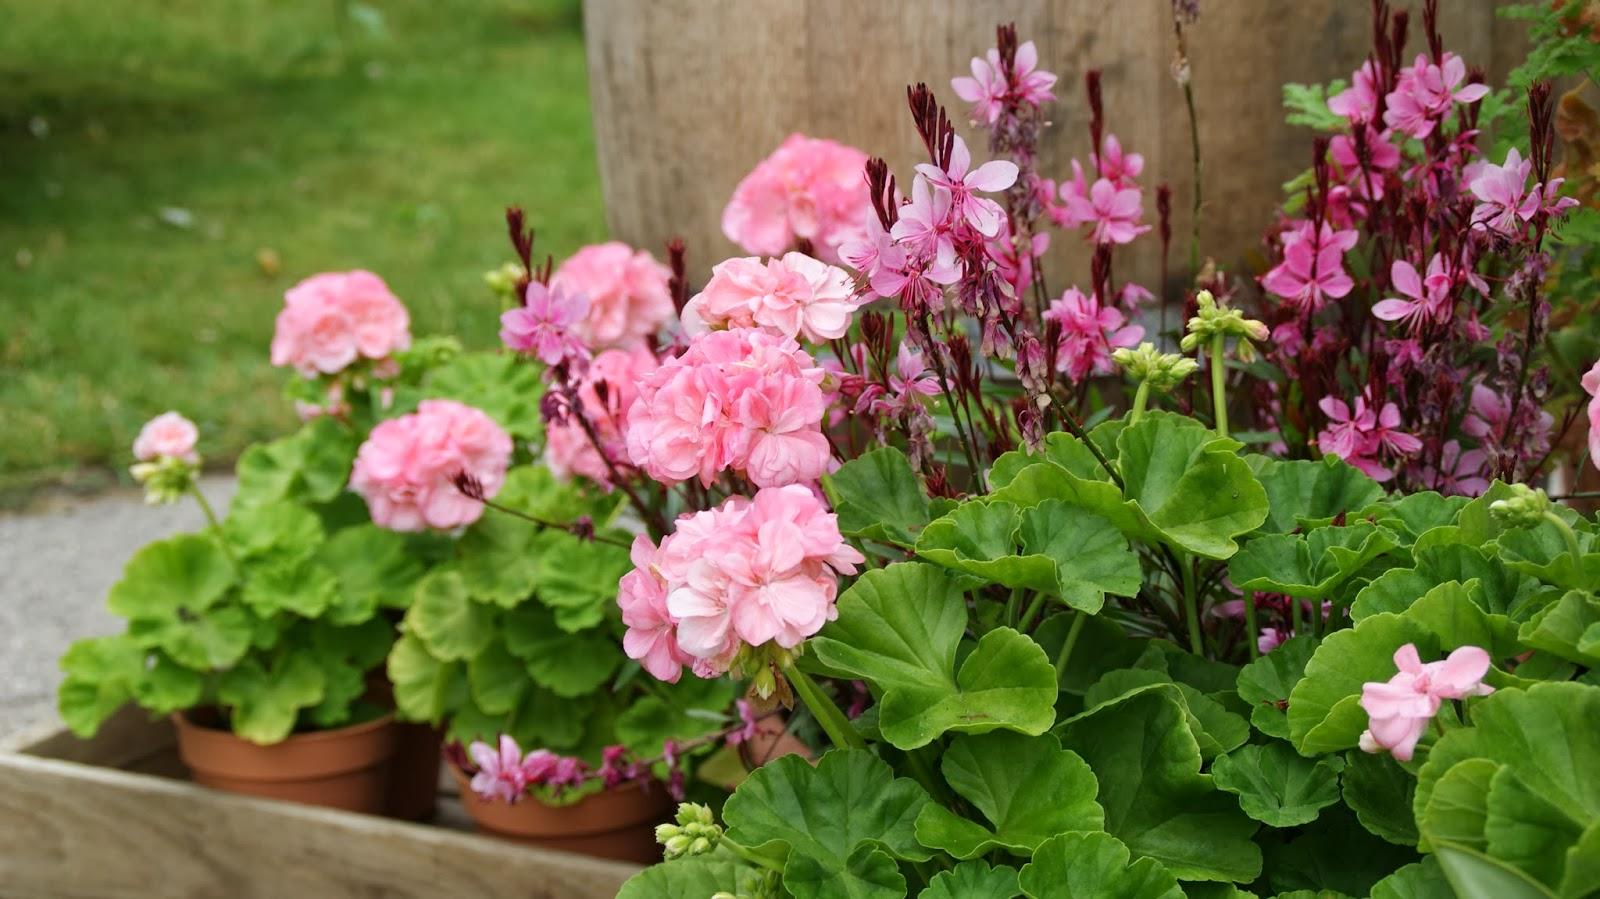 Birgitte på nettet: Det lilla og lyserøde krukkebed